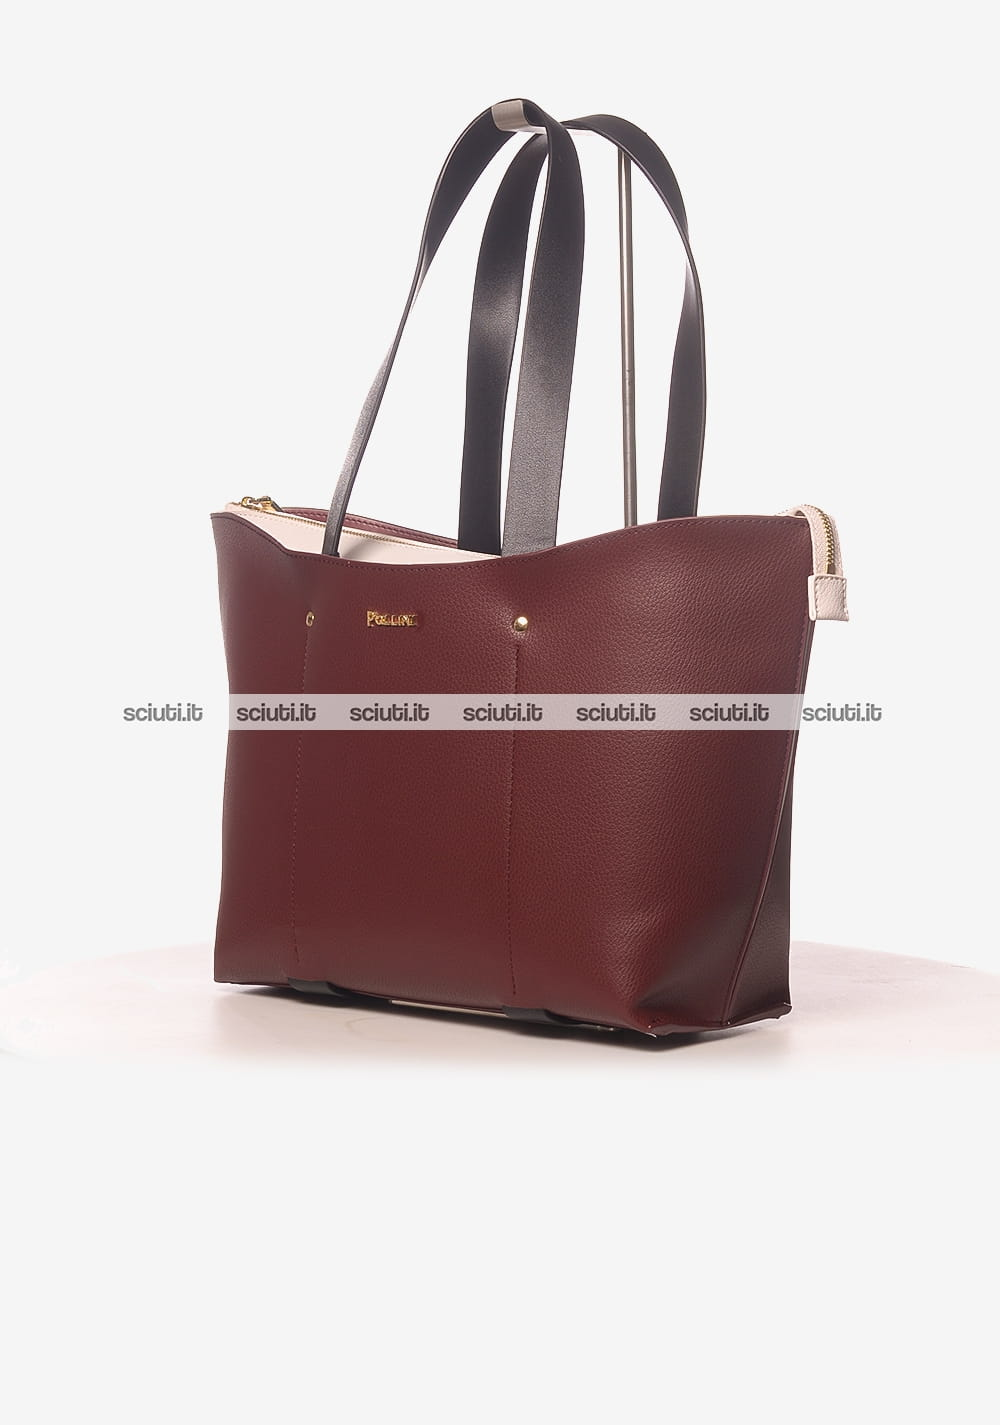 258cfa0114 Borsa shopping media Pollini donna bordeaux interno bianco | Sciuti.it